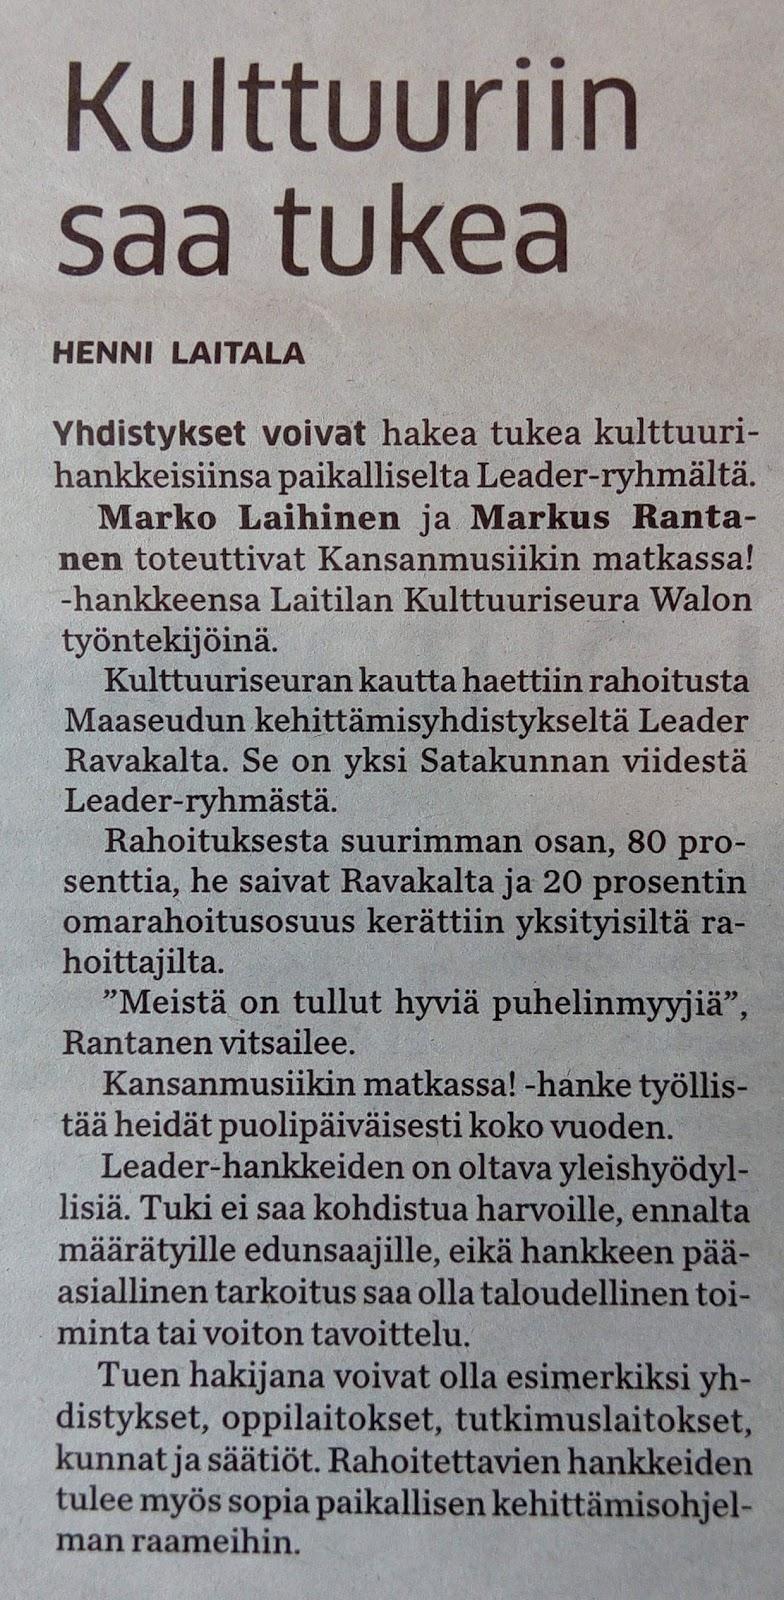 Maestro ja Fiktio Kansanmusiikin matkassa!